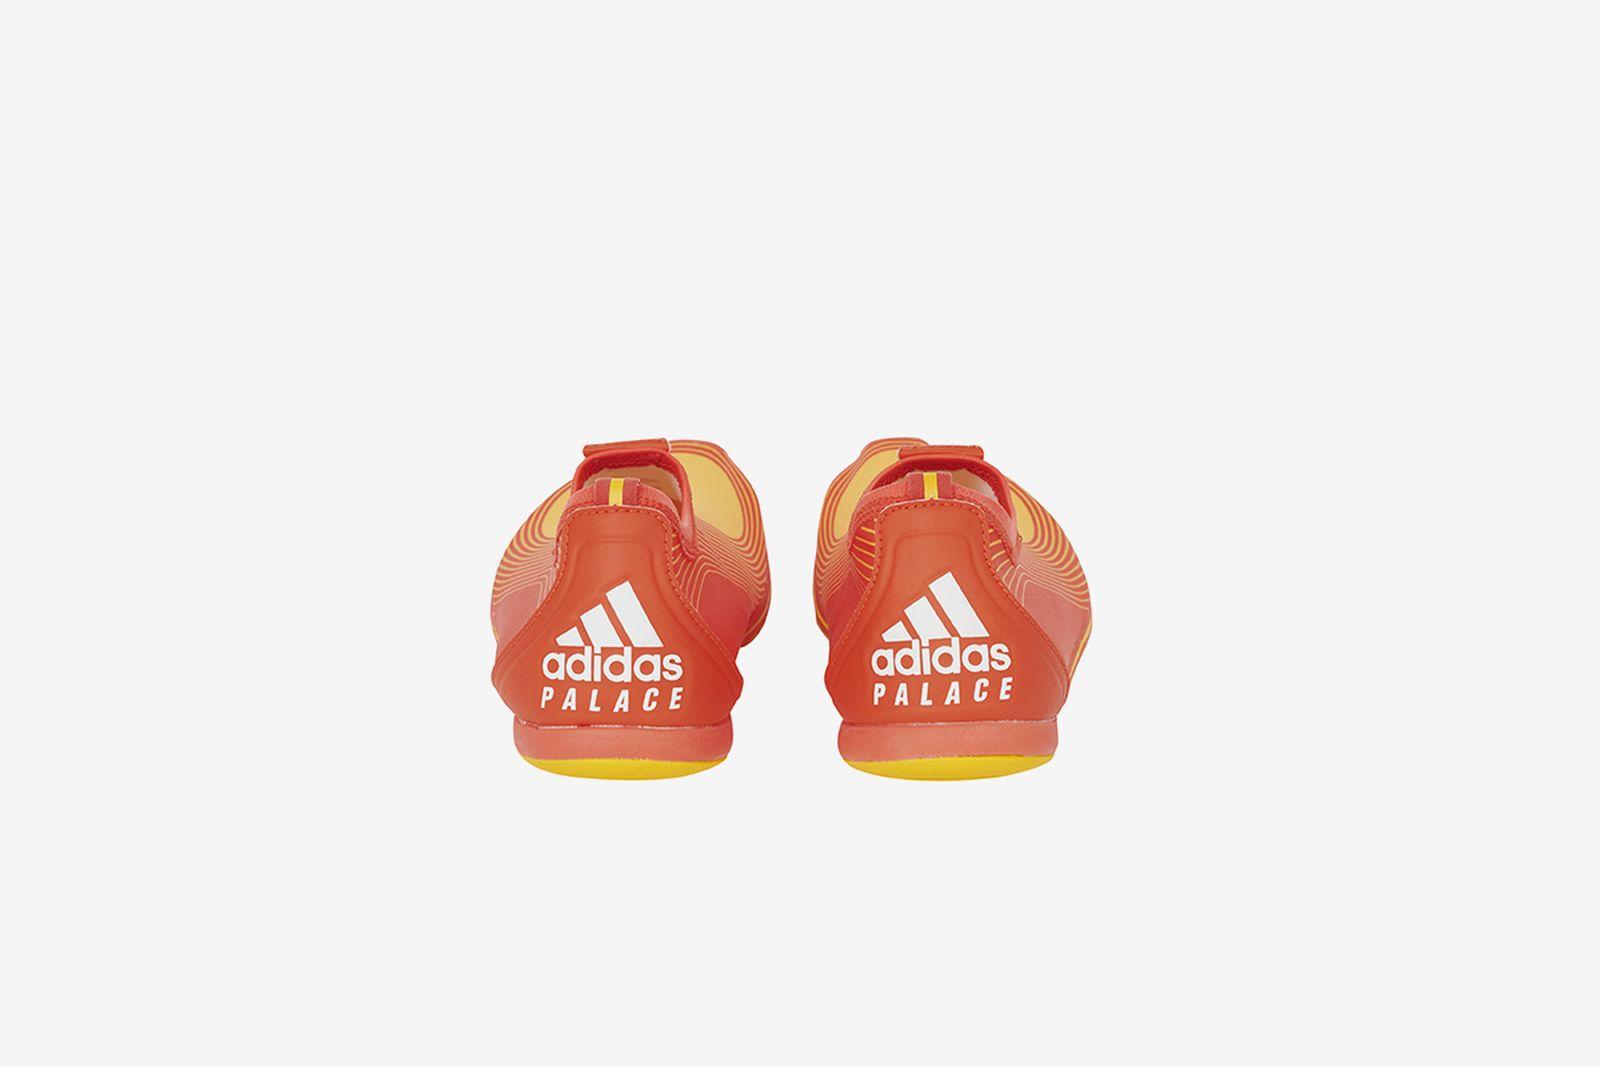 palace-adidas-fw20-3-07